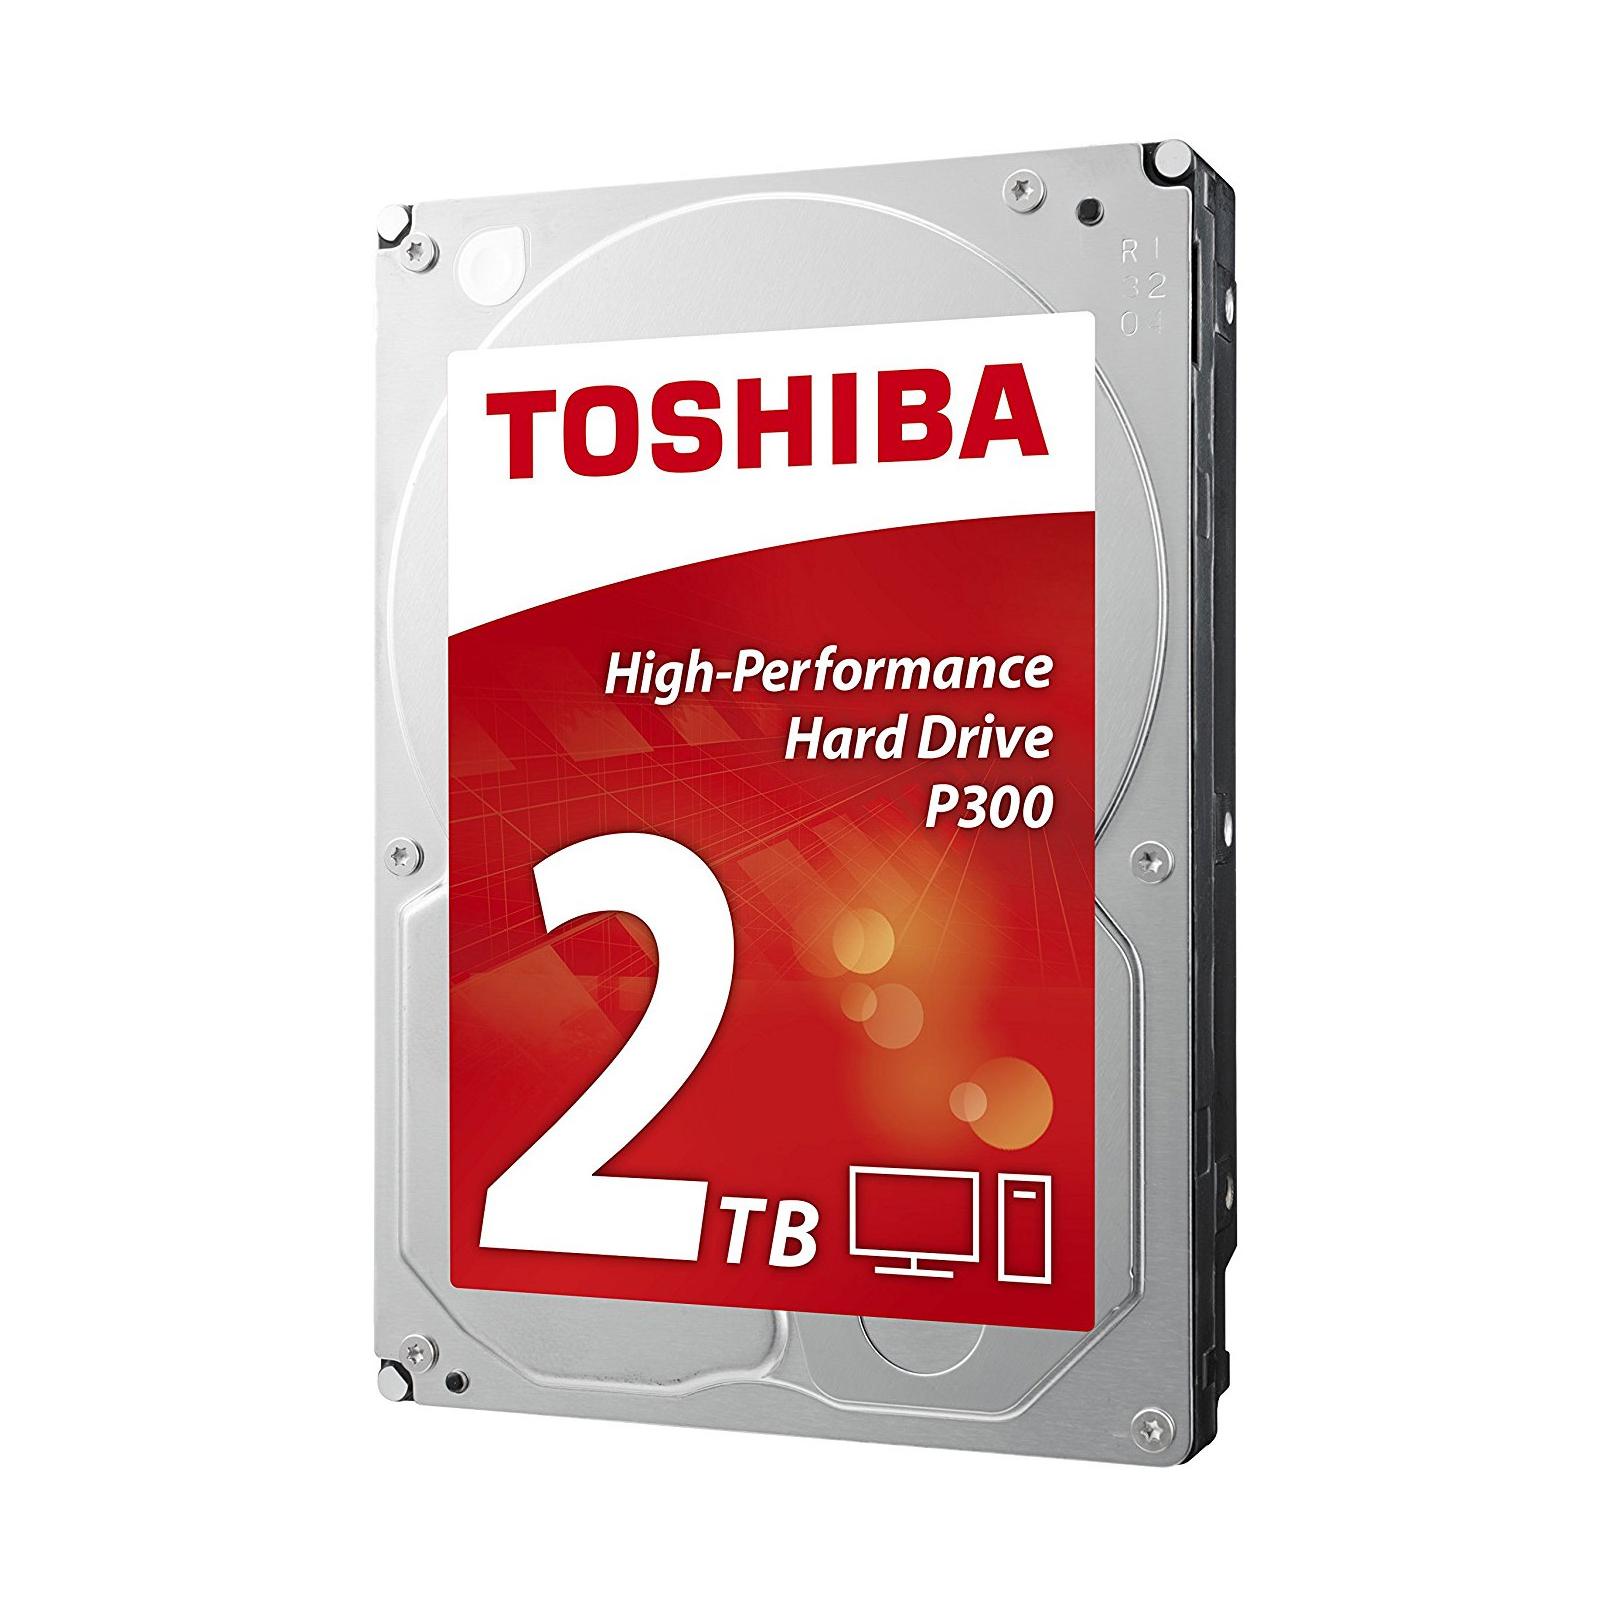 """Жорсткий диск 3.5"""" 3TB TOSHIBA (HDWD130UZSVA) зображення 2"""